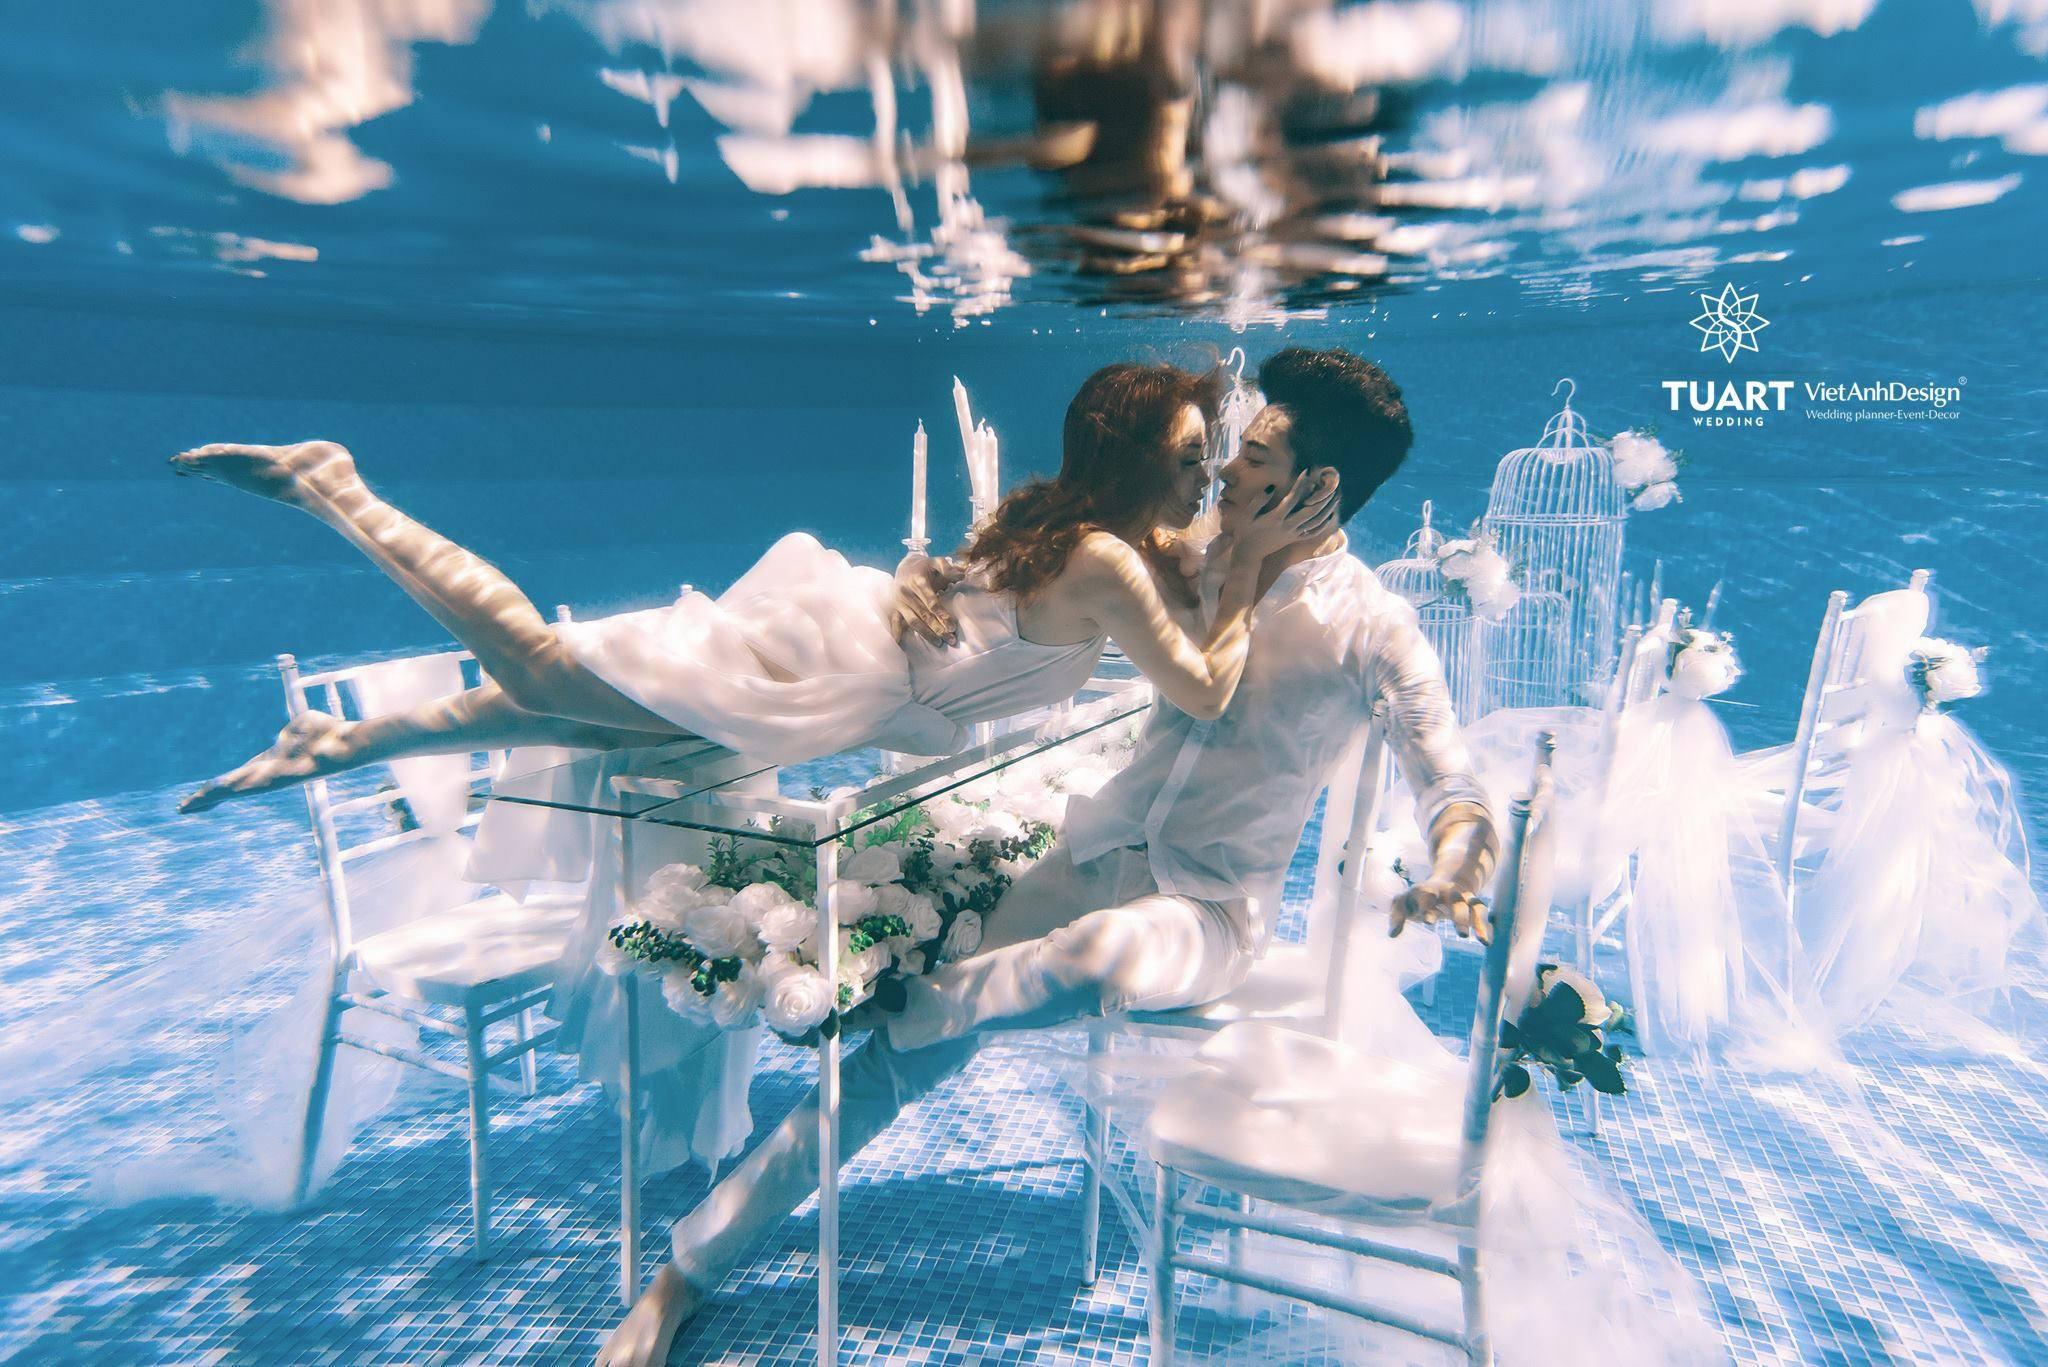 Album tại TuArt - Album chụp ảnh cưới đẹp phong cách Hàn Quốc 202